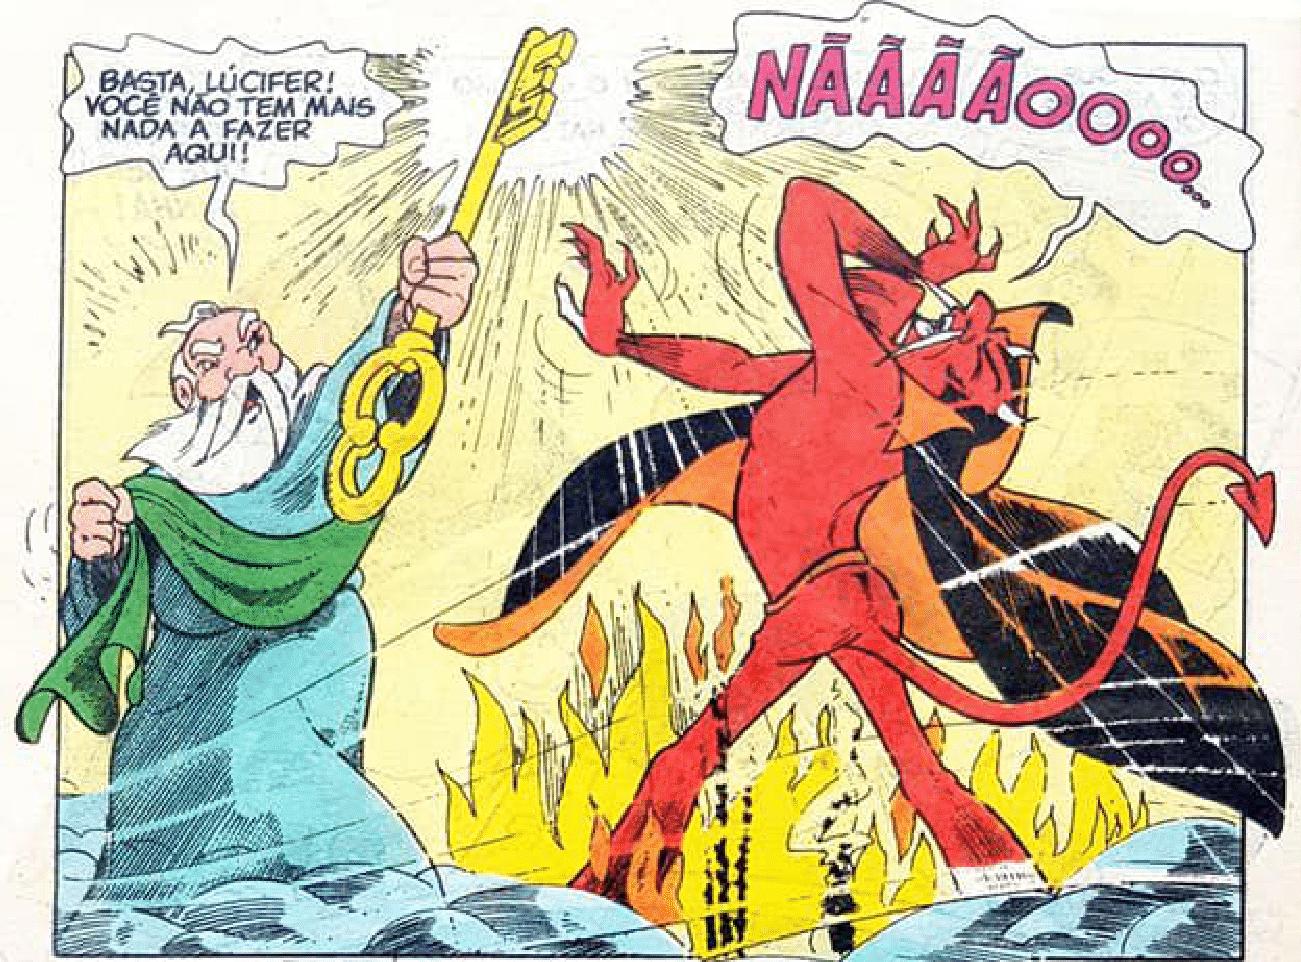 """História ilustrada em quadrinhos do Chico Bento. Na imagem, São Pedro aparece empunhando sua característica chave, dizendo frente ao demônio: """"Basta, Lúcifer! Você não tem mais nada a fazer aqui!"""", enquanto este, desolado, grita: """"Nããããoooo..."""""""